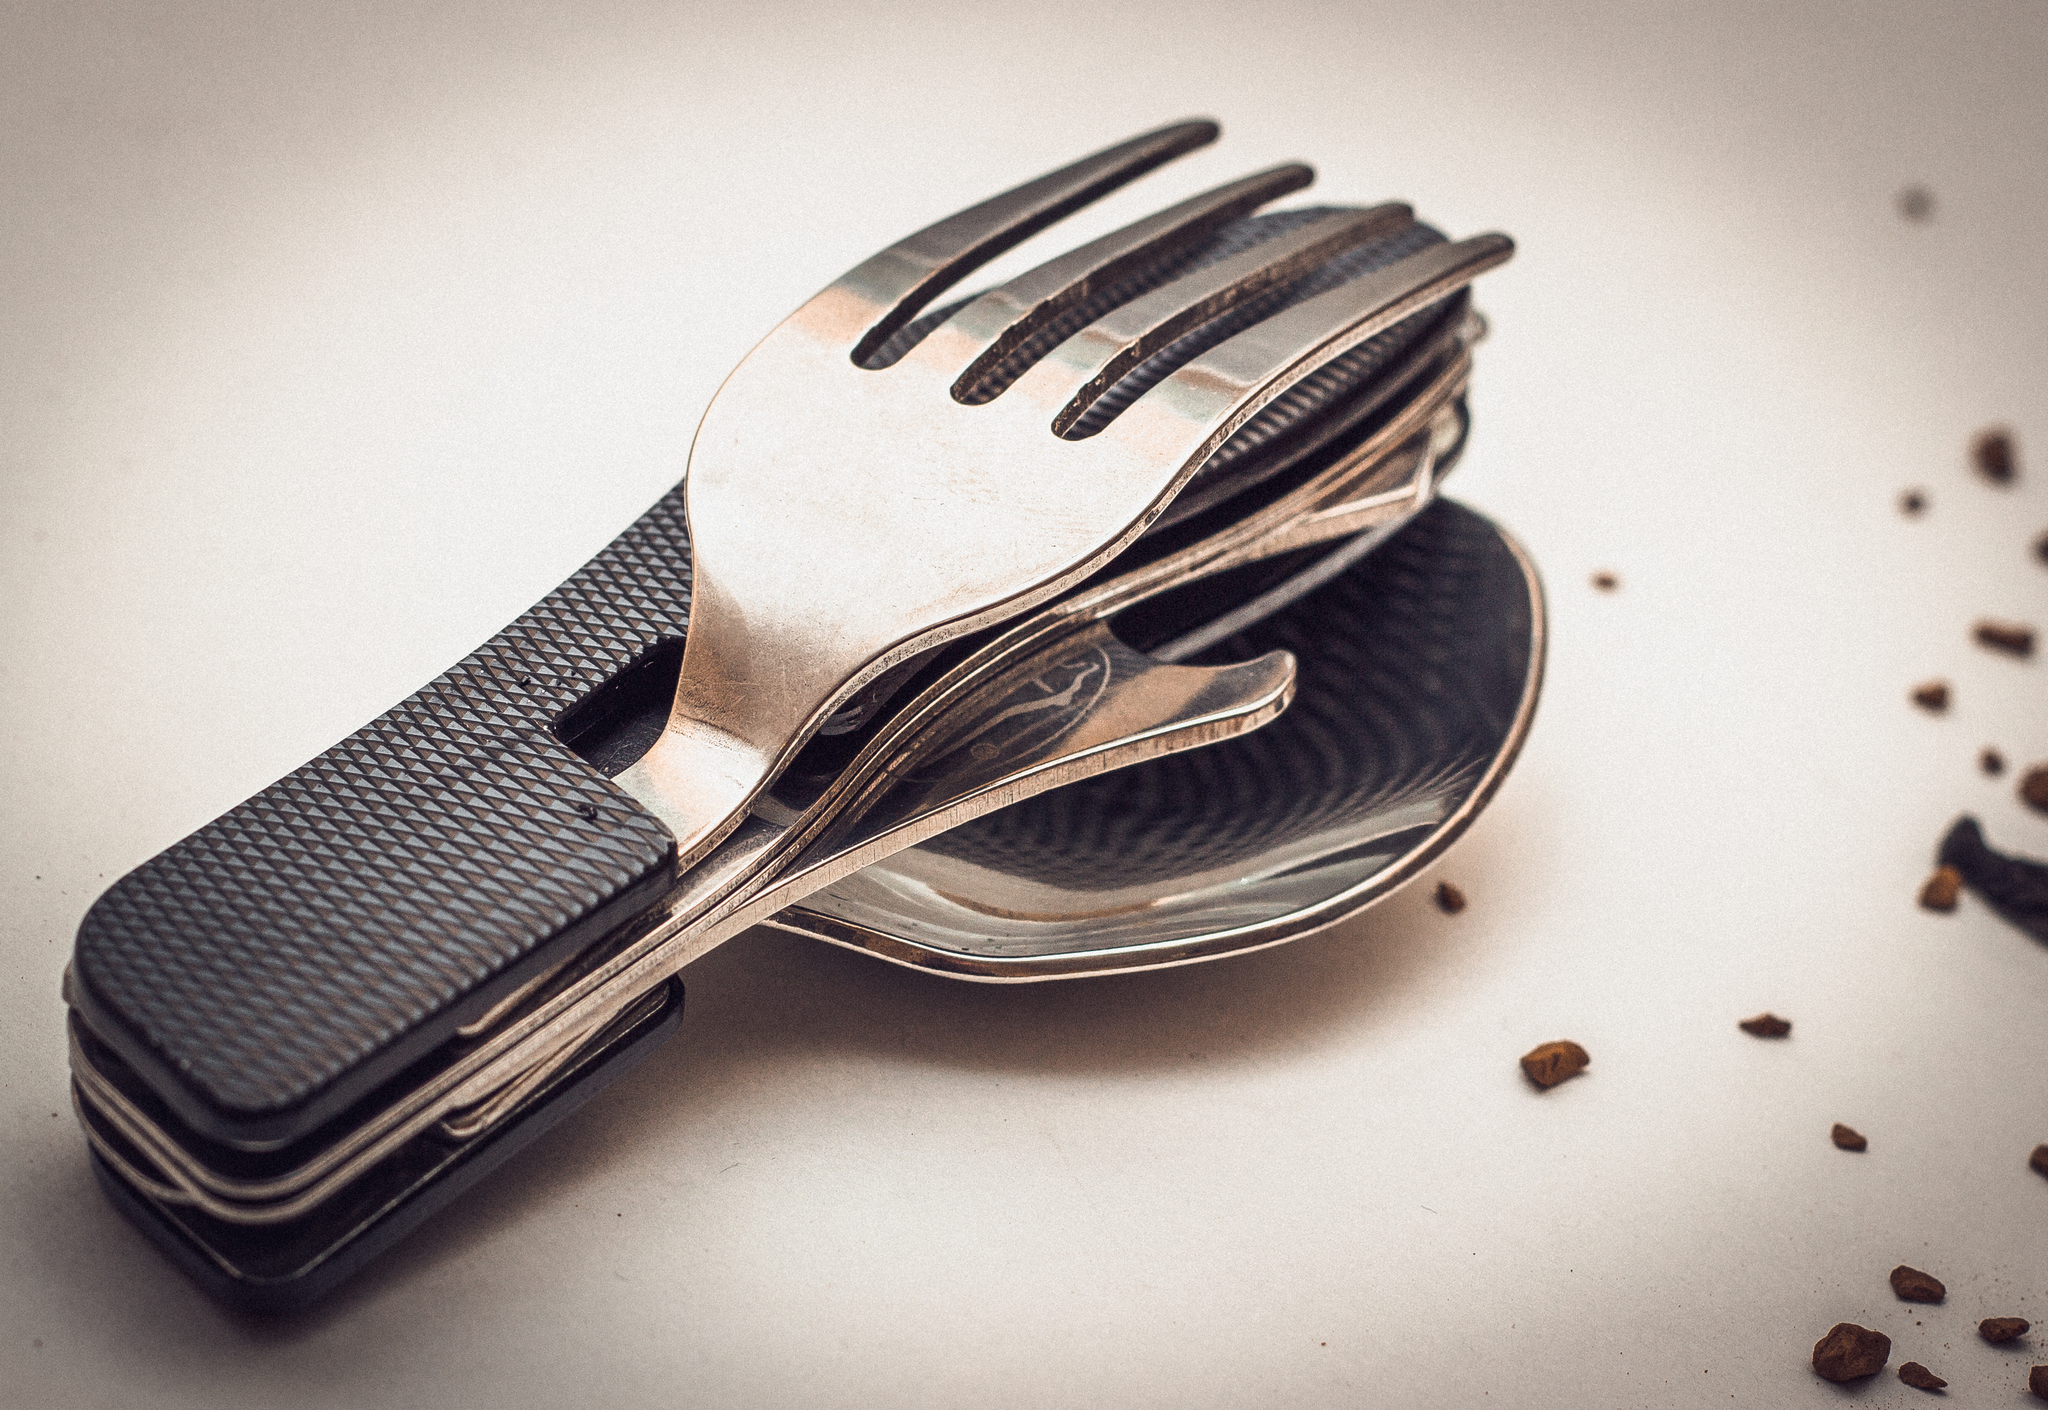 Многофункциональный нож 4 в 1 нож многофункциональный 4 в 1 fissman 21 5 x 4 см